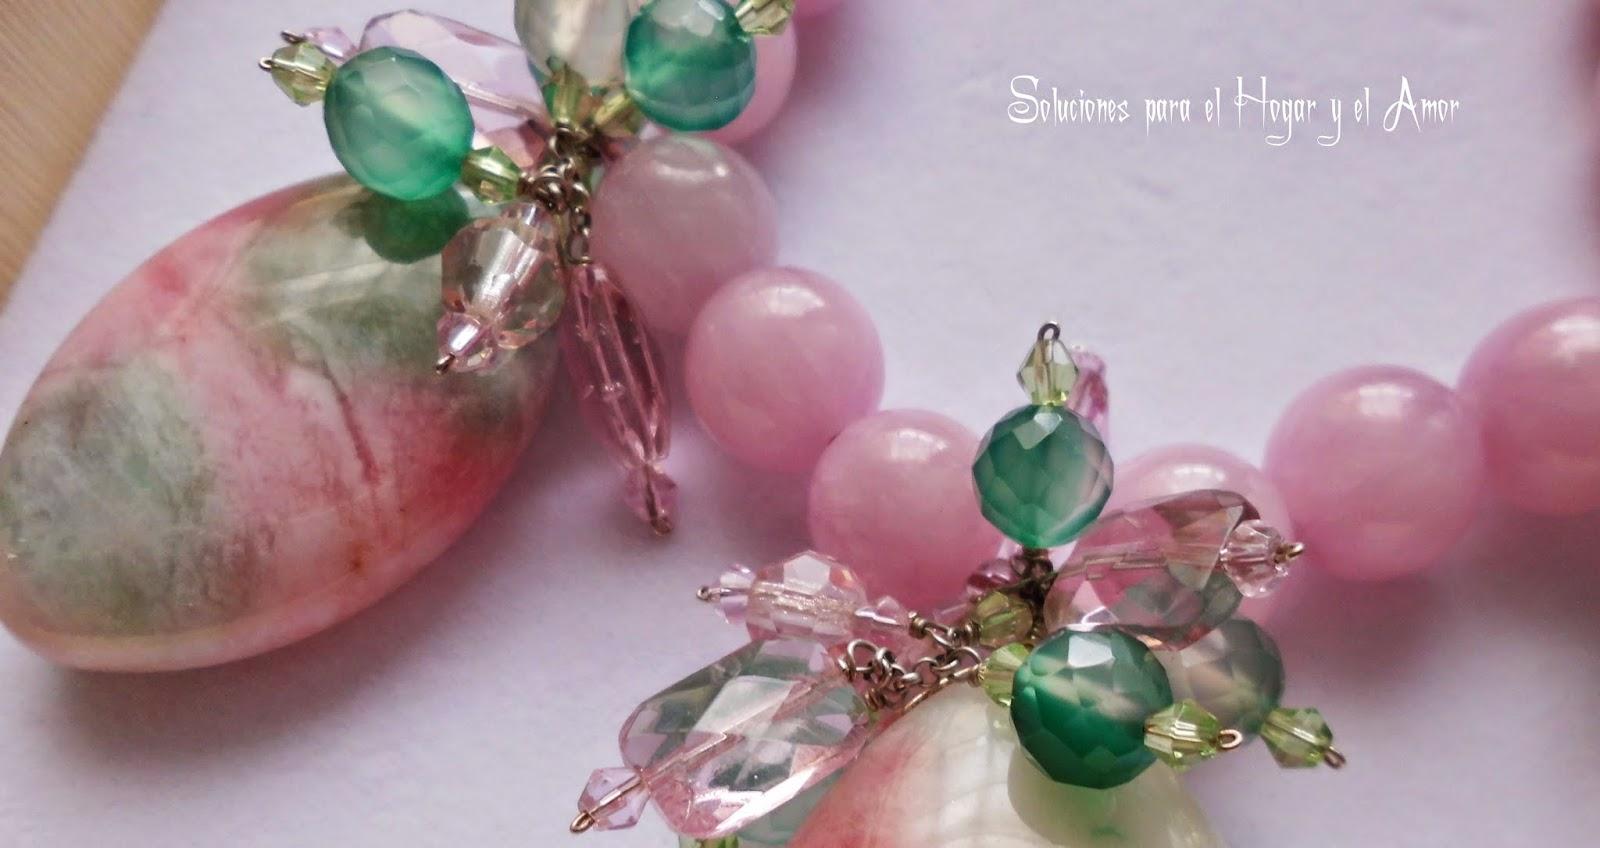 Cristales de Cuarzo rosa con matices verdes y cristales de swaroski, que significa el cuarzo rosa? propiedades